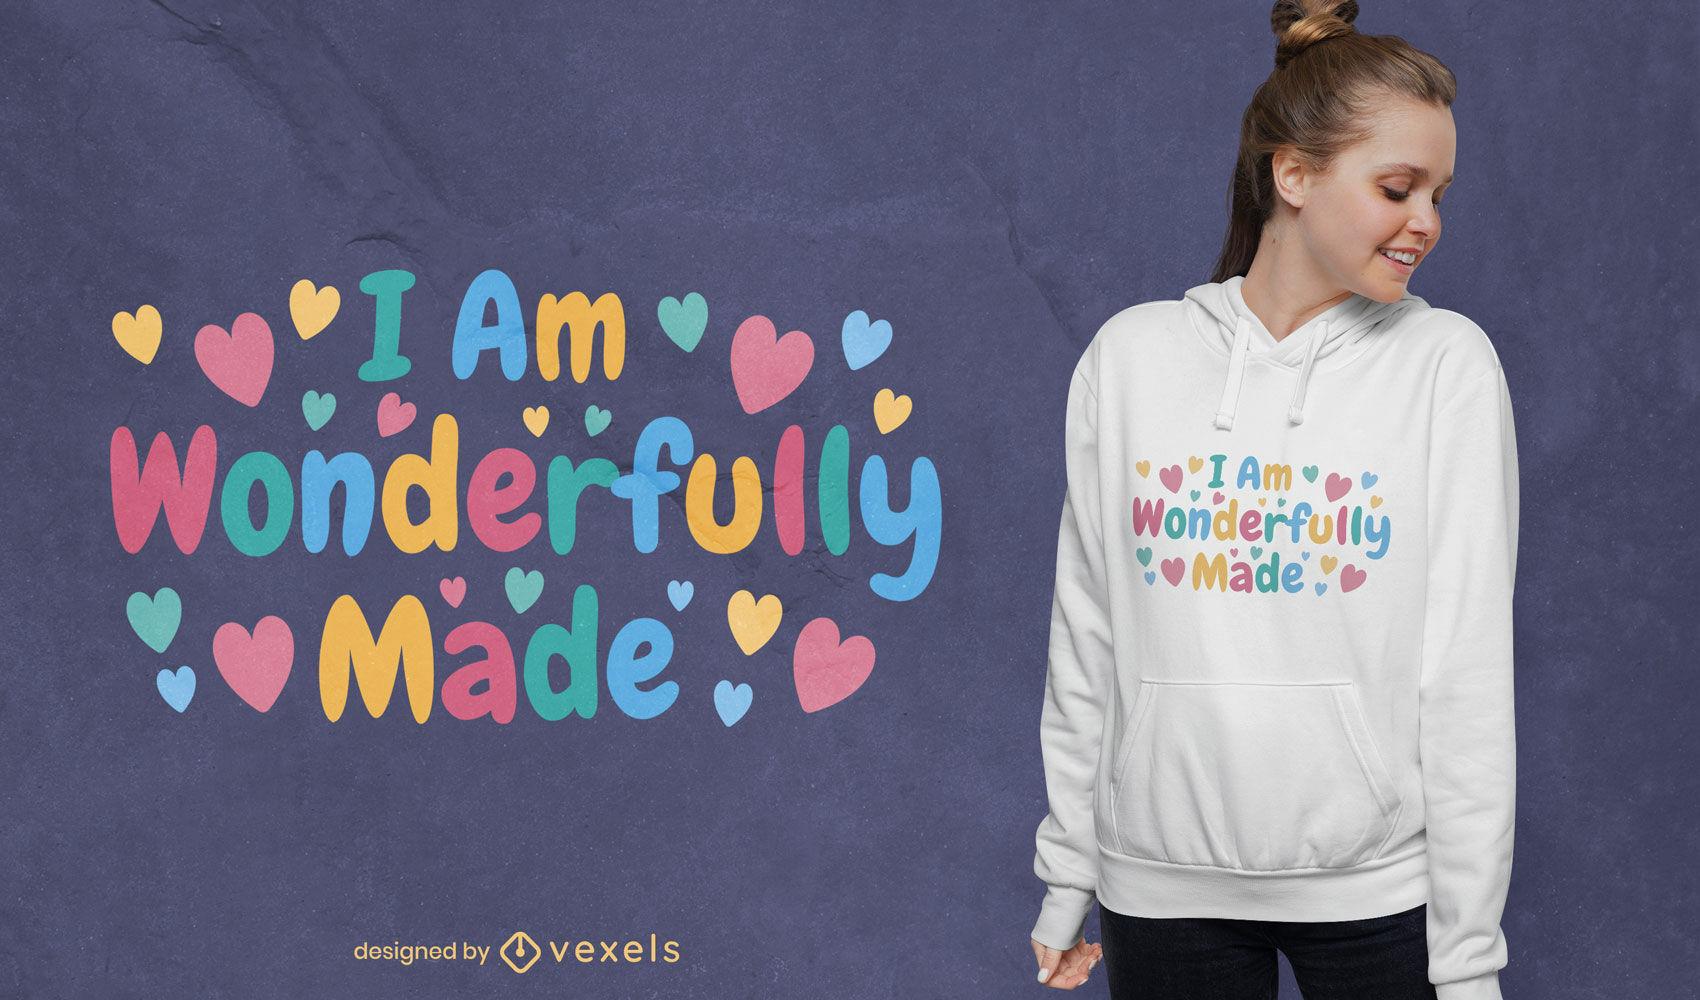 Precioso dise?o de camiseta maravillosamente hecho